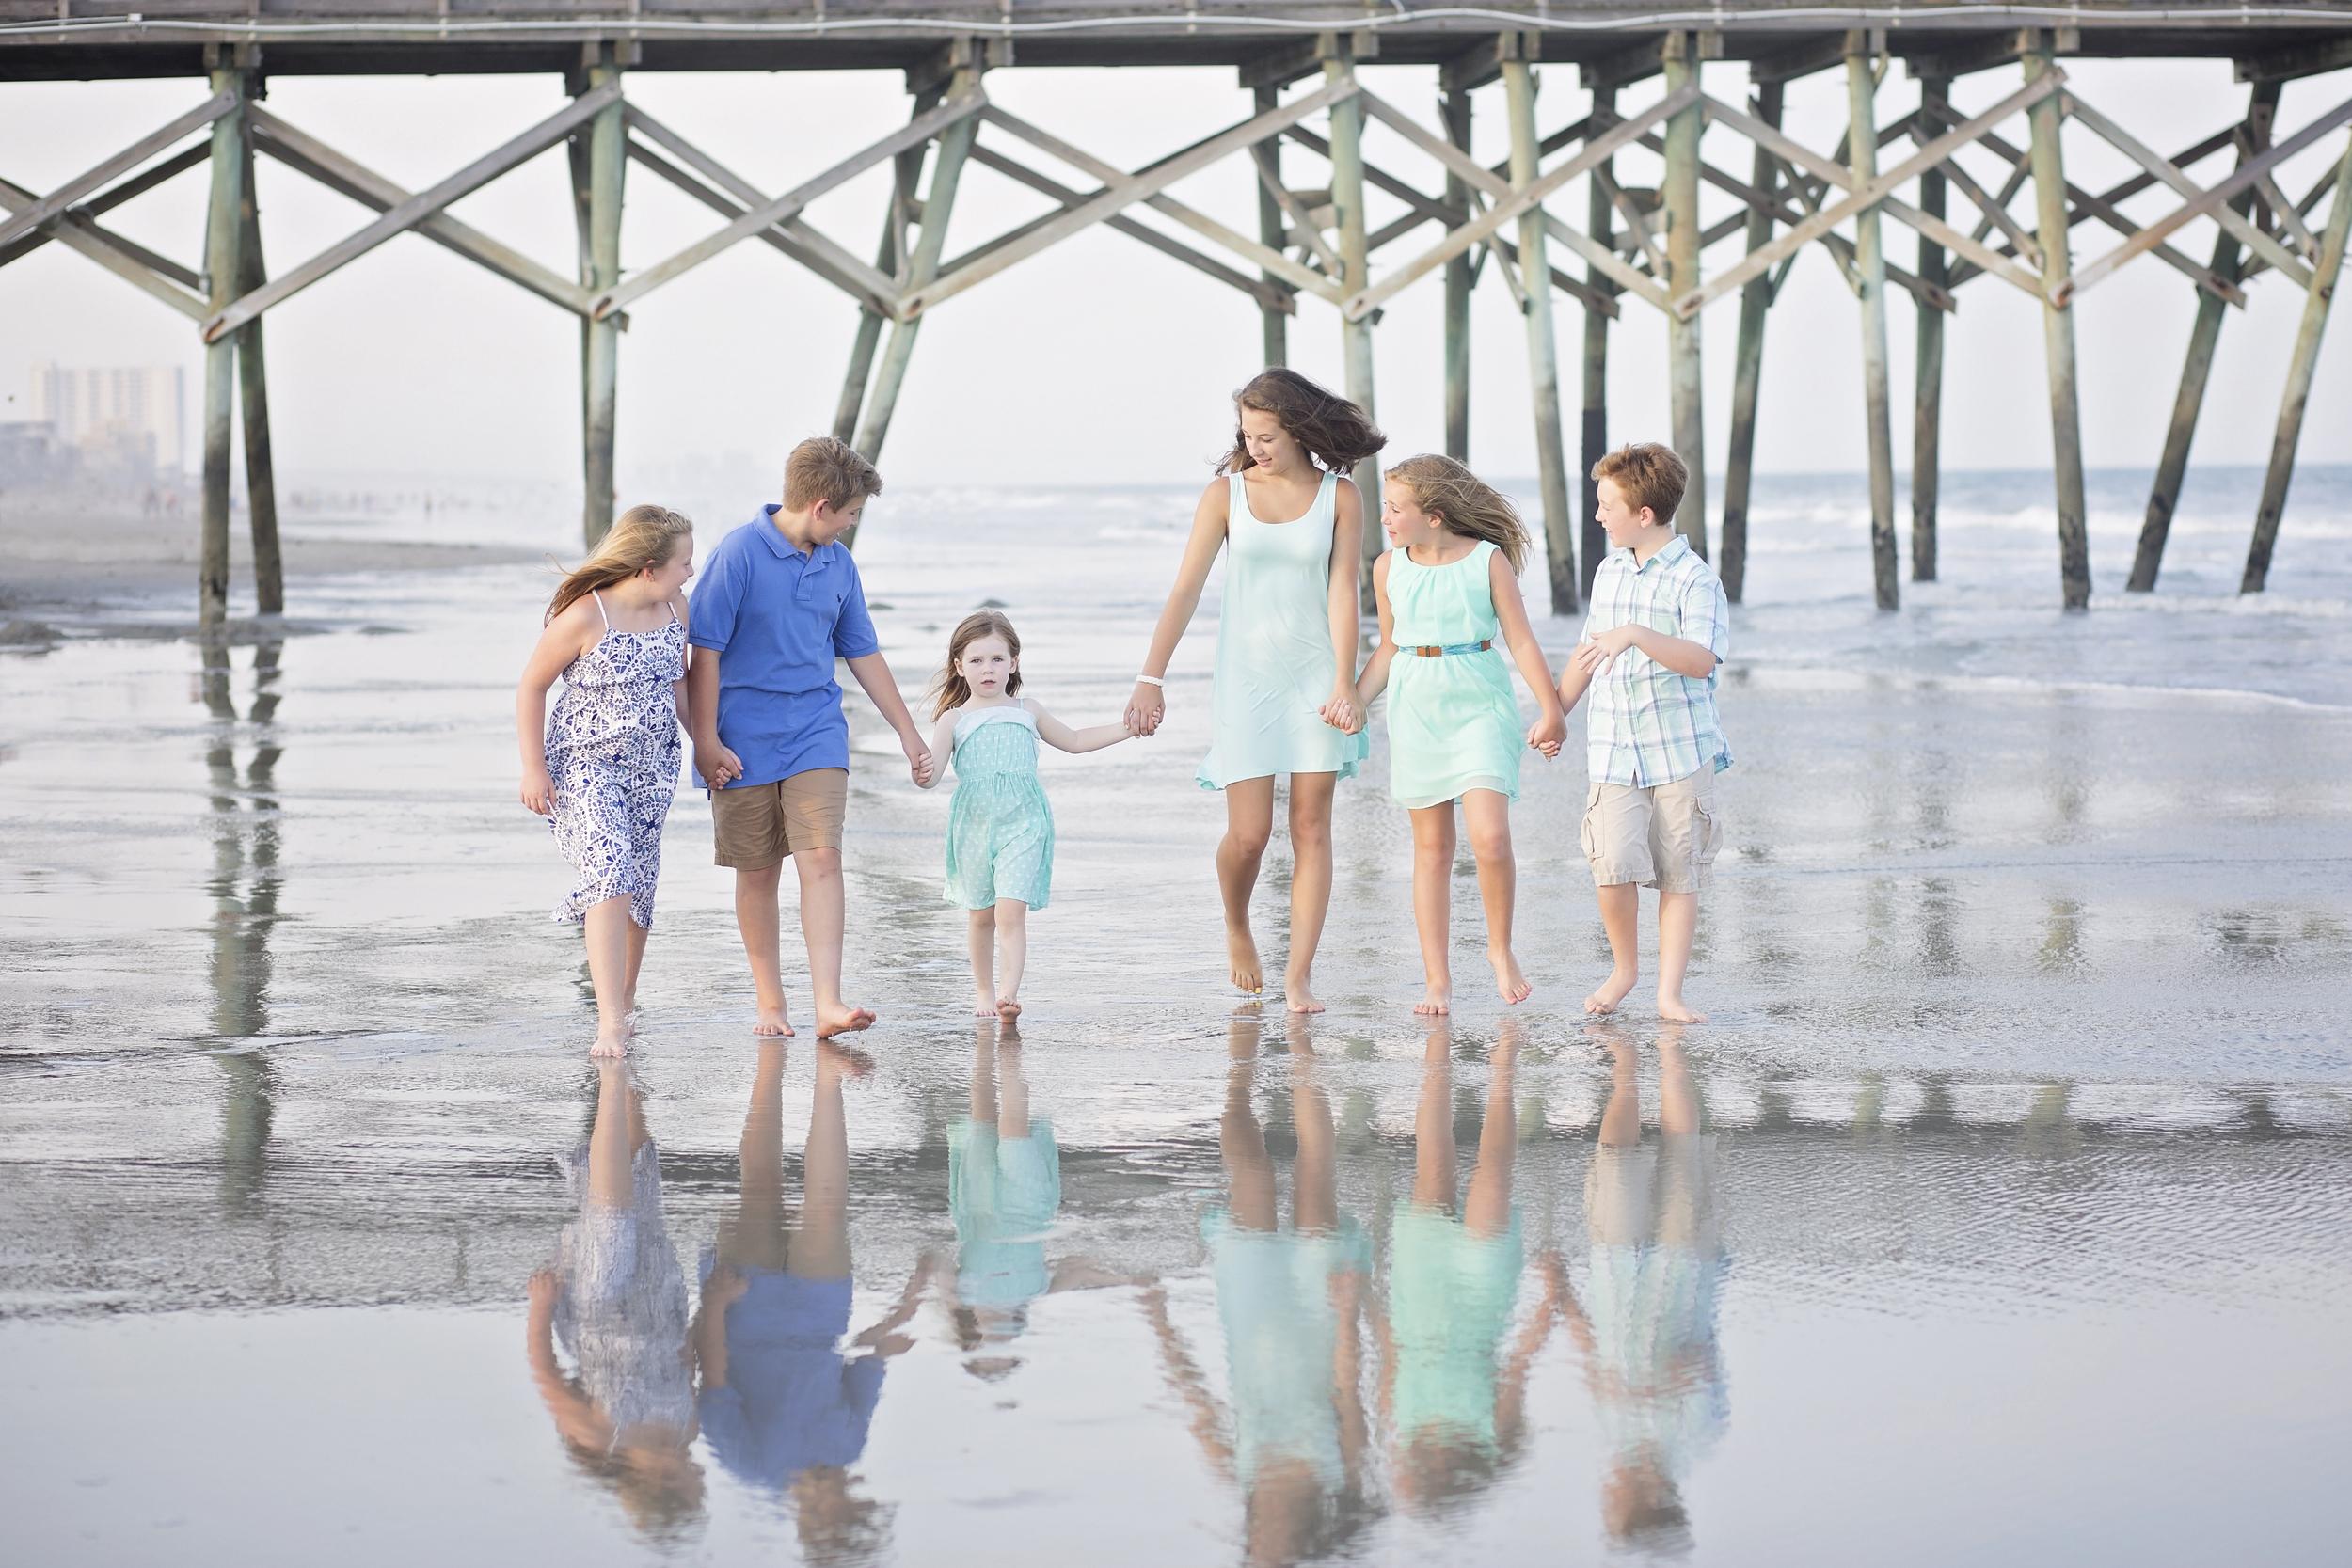 surfside beach sc family beach photography